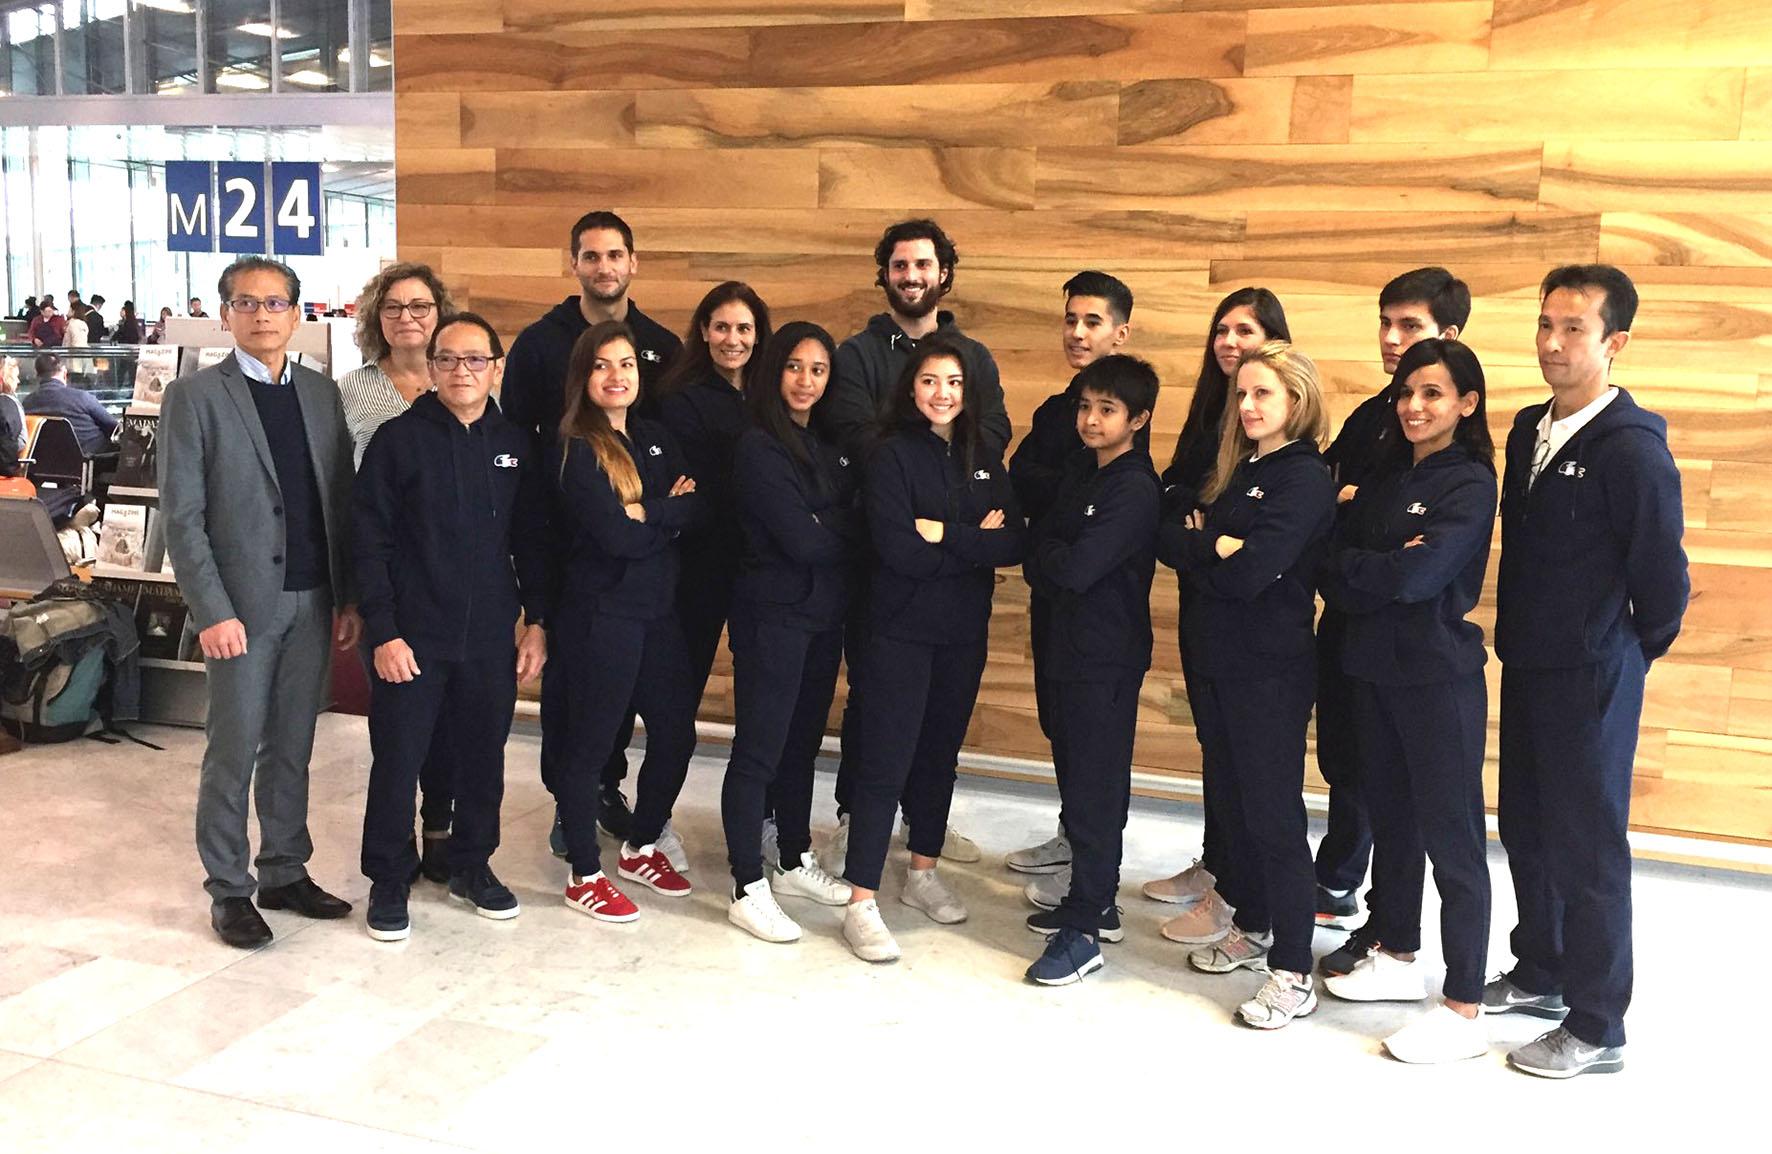 L'équipe de France technique de Taekwondo avant le départ pour Taipei